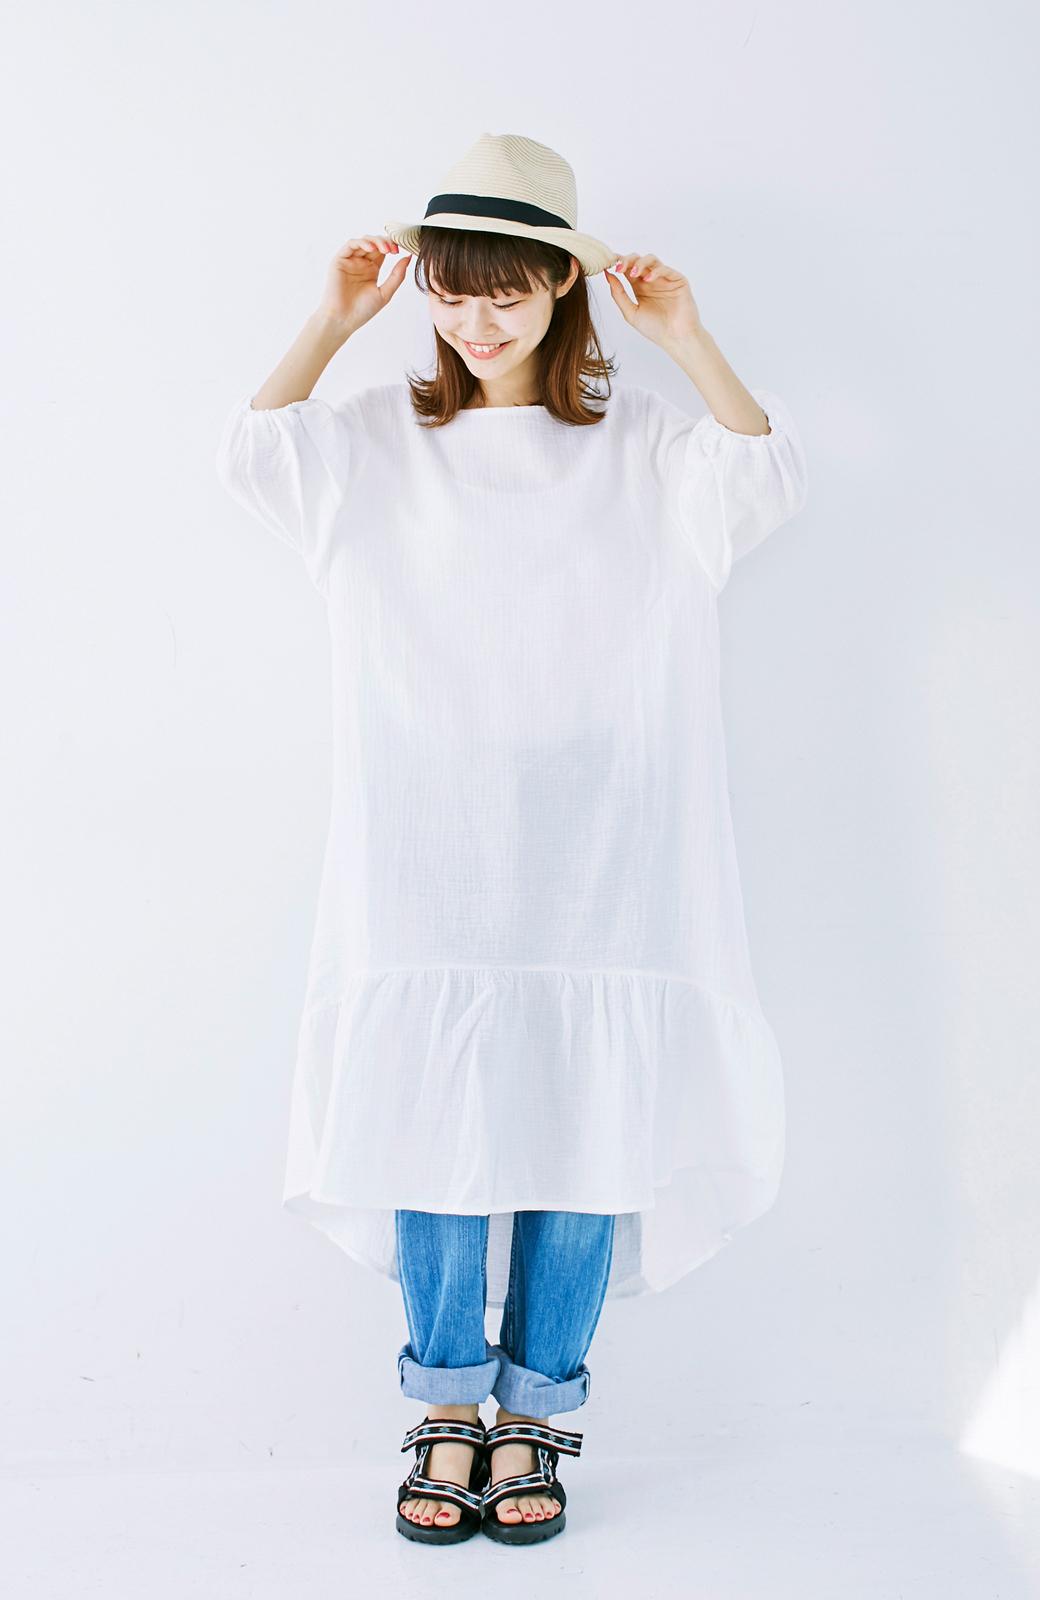 nusy すぽっと着られて着心地さわやか ぽんわり袖ガーゼワンピース <ホワイト>の商品写真11